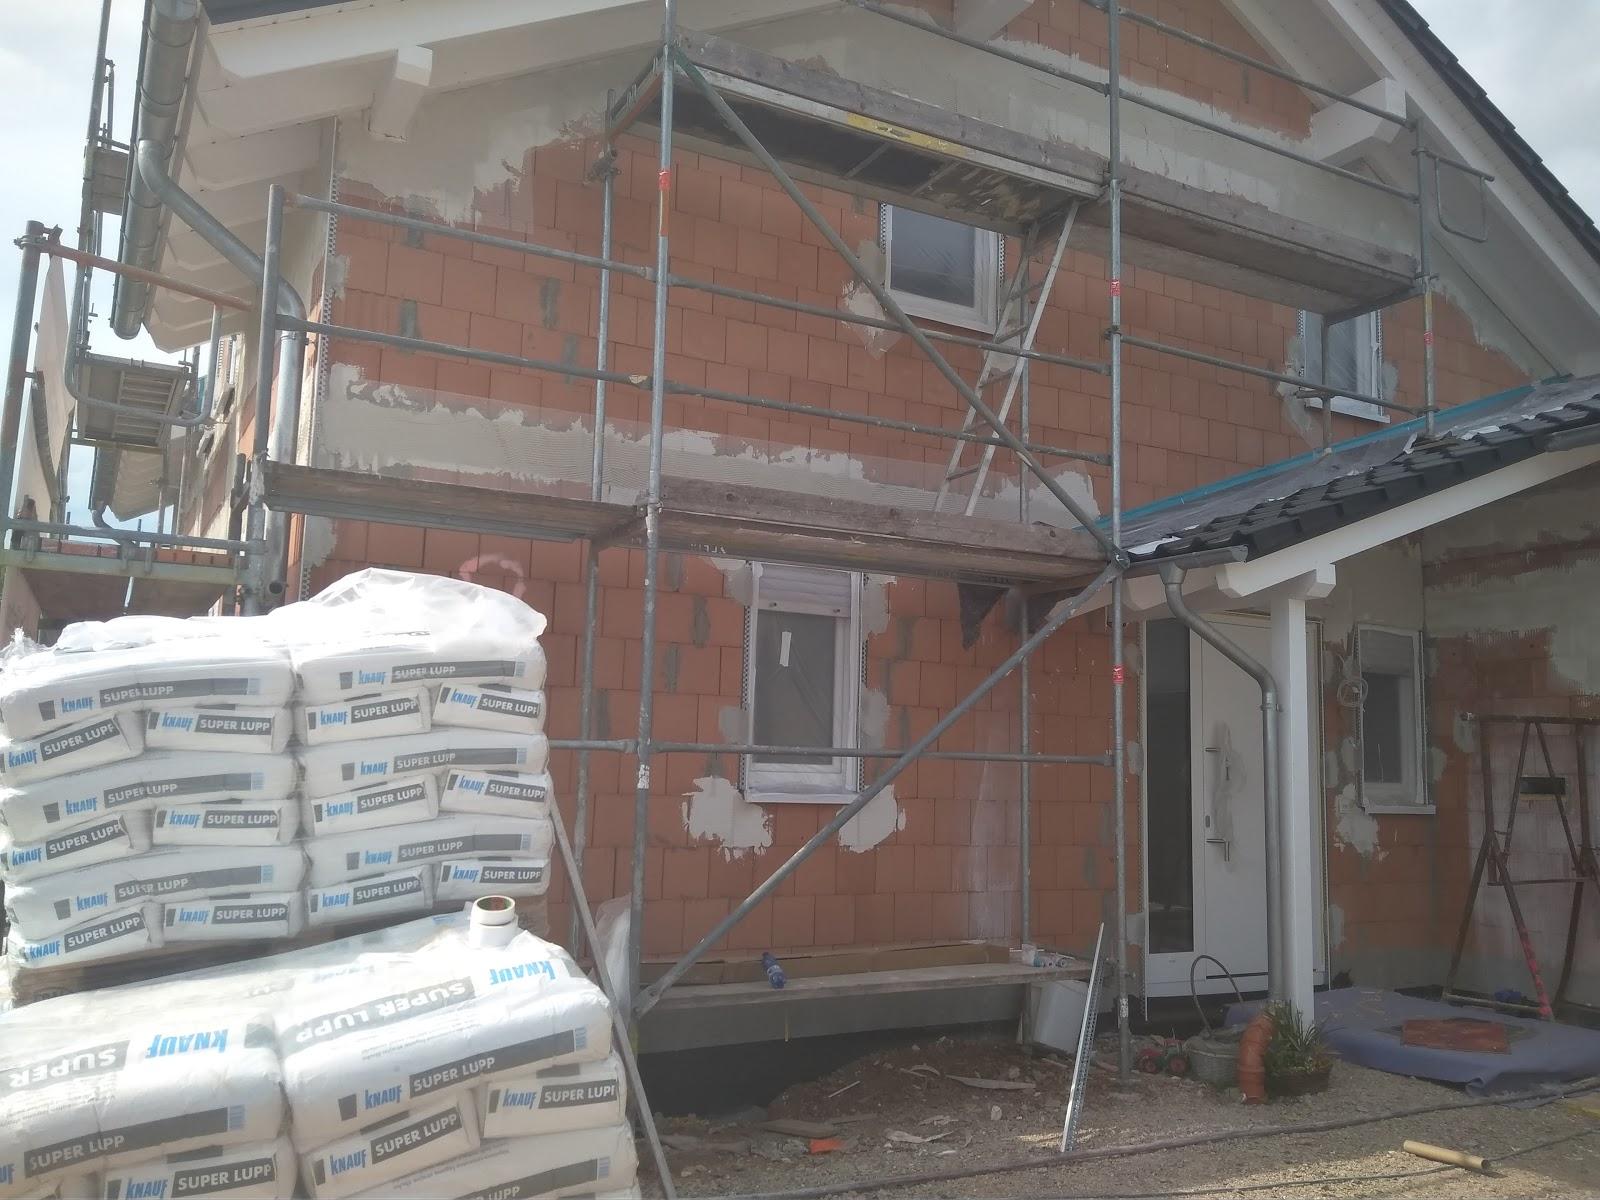 Anschlüsse, Heizung, Sanitär | Hausbau mit Czech Bau GmbH